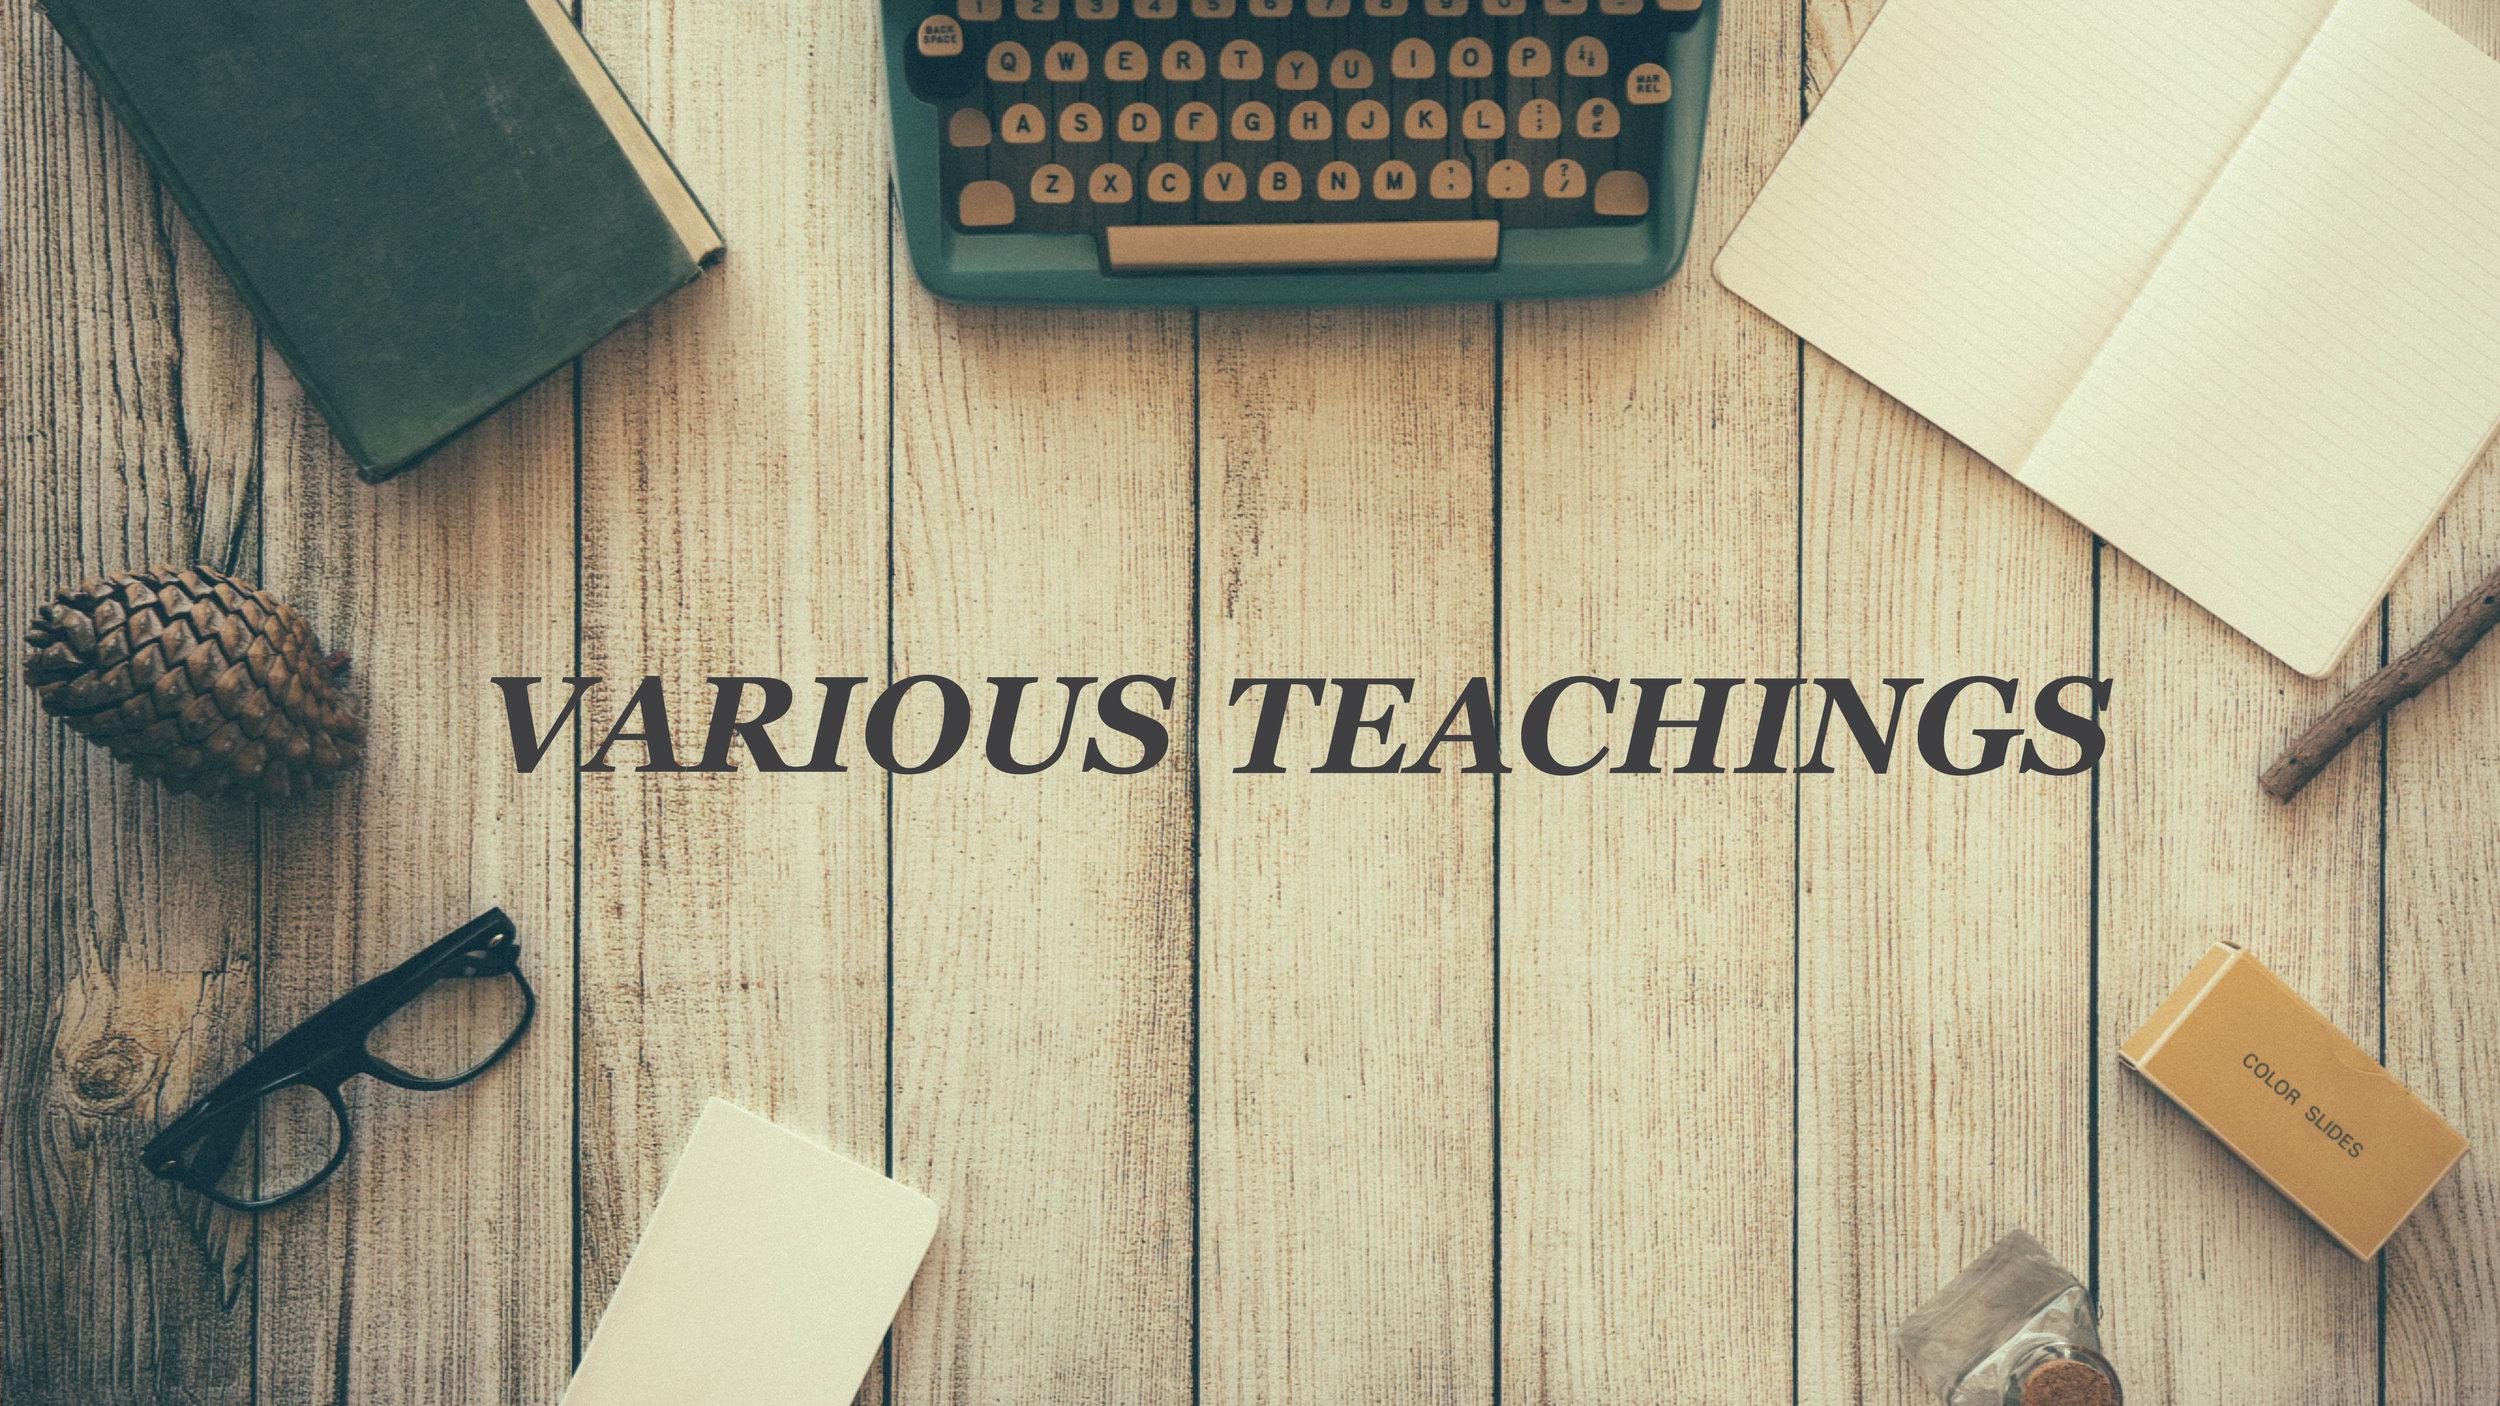 Various Teachings-01.jpg